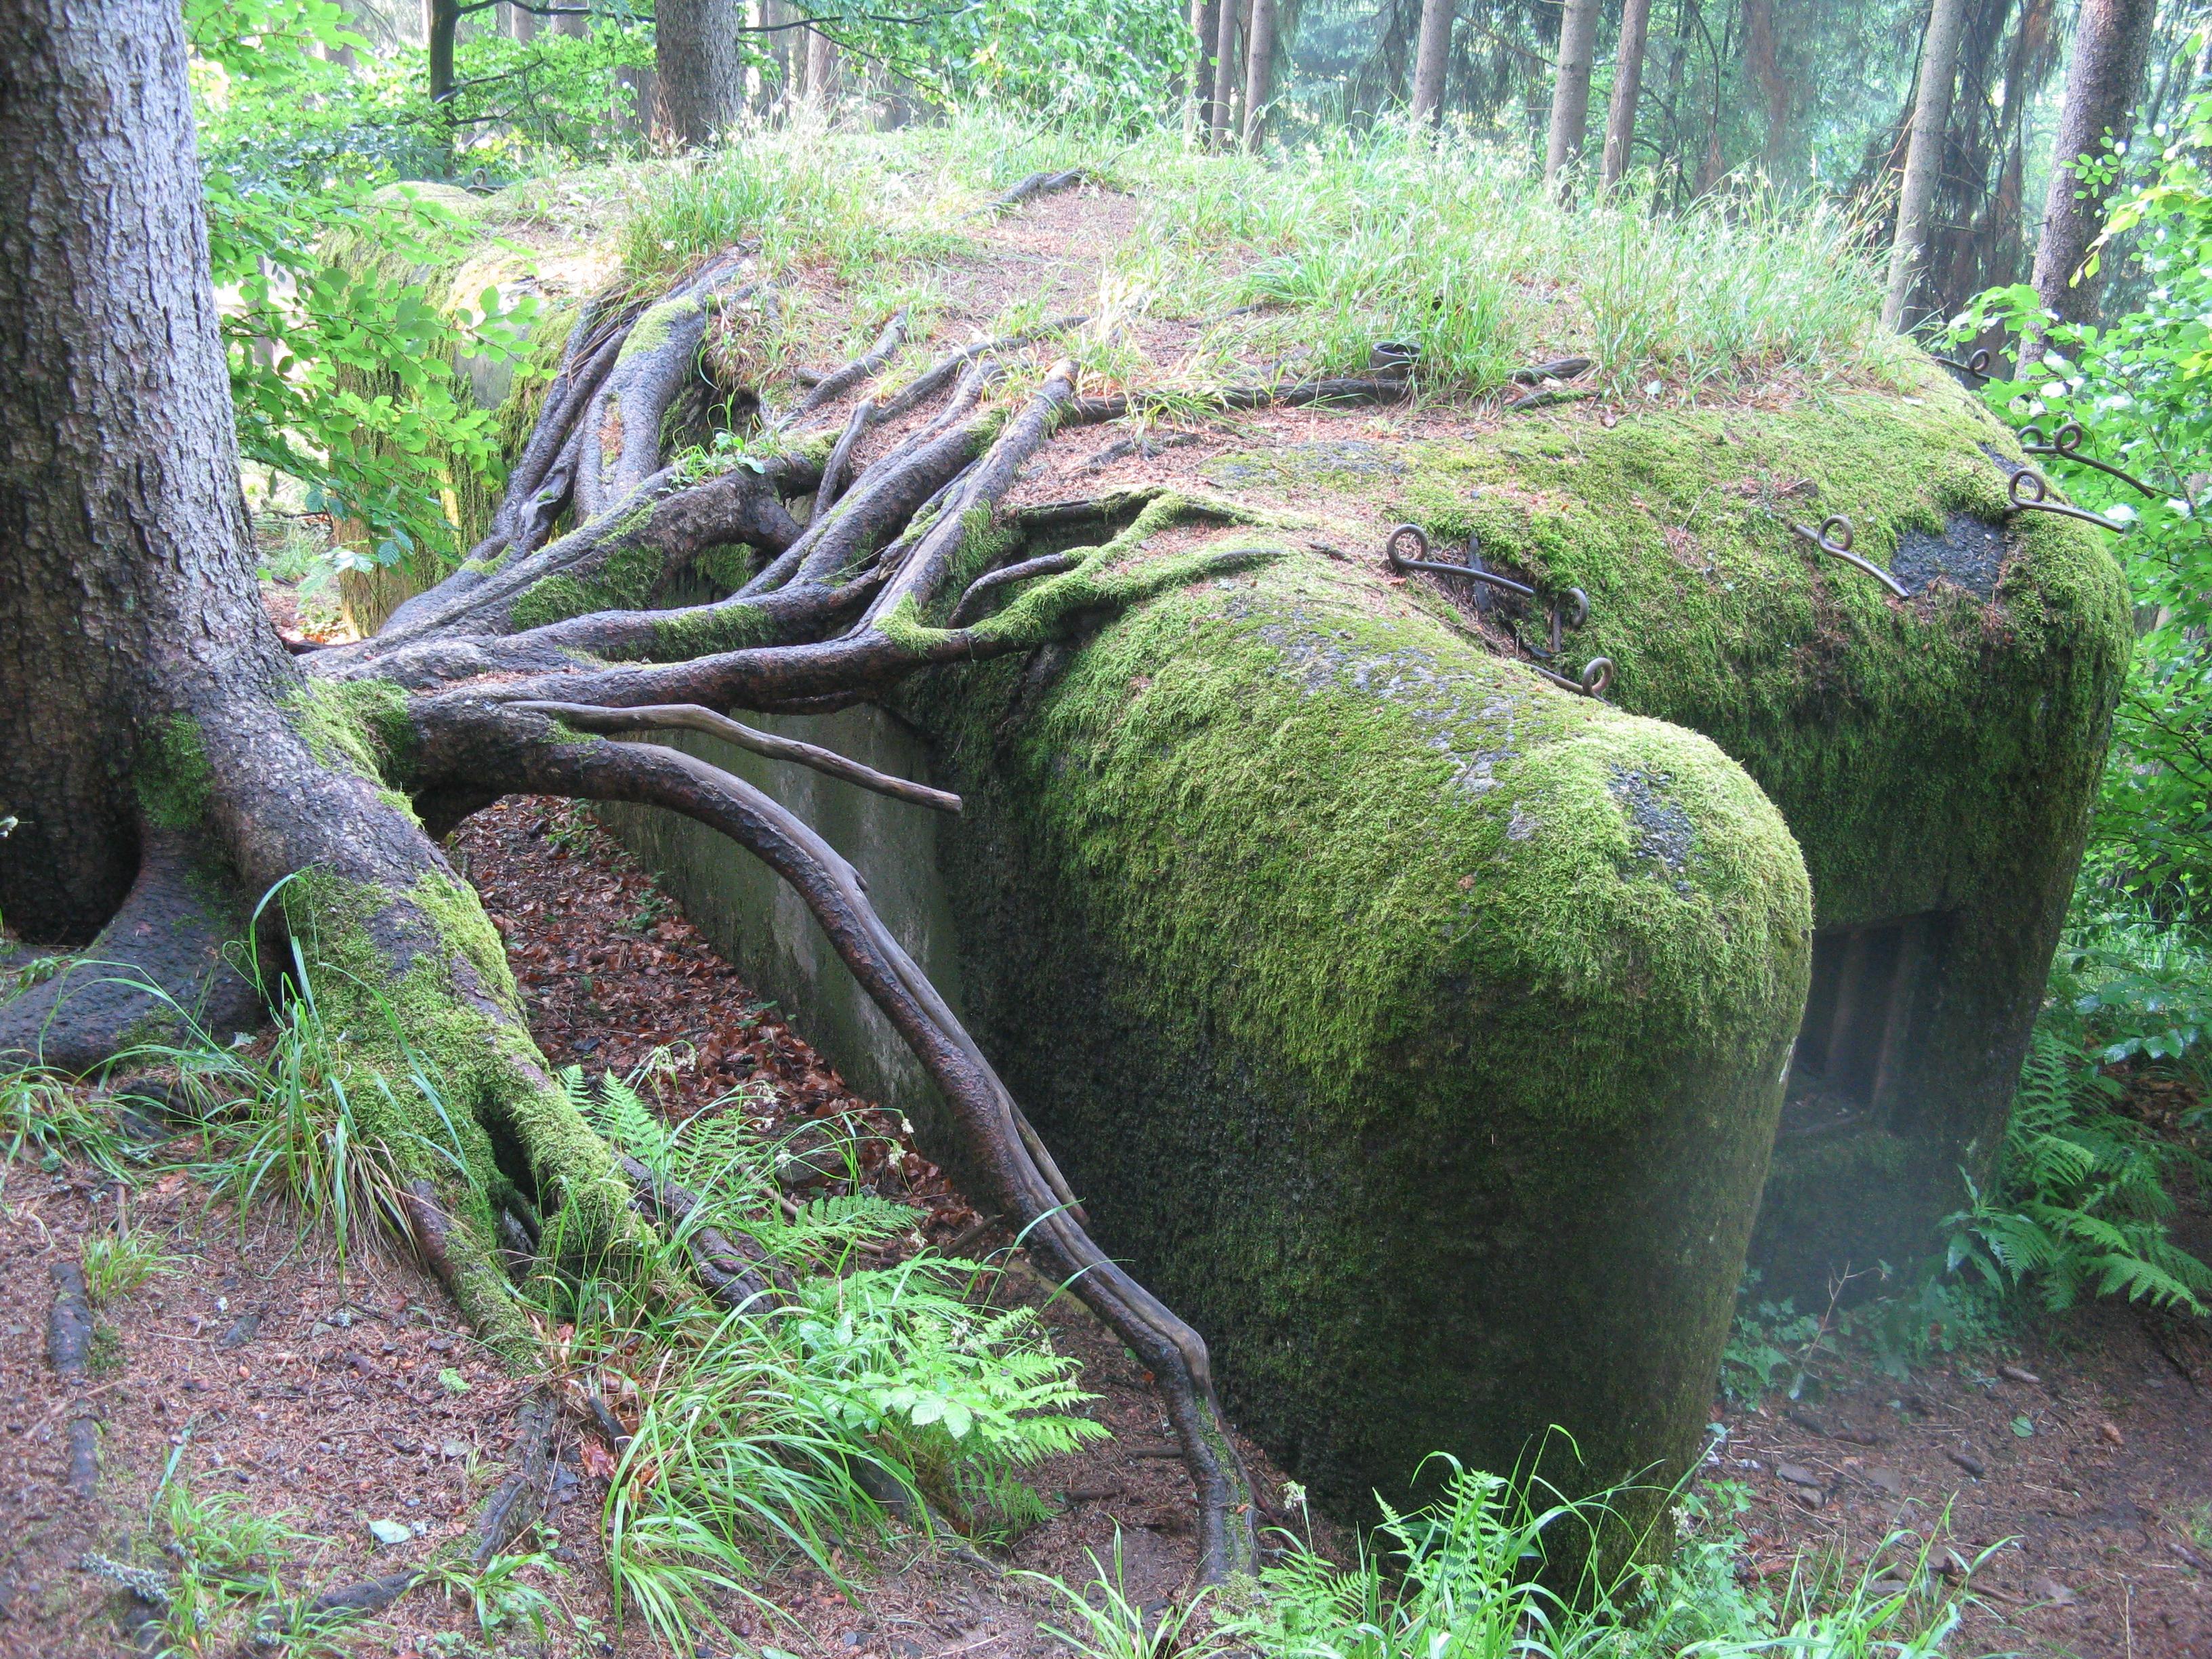 """Foto 10: jeden s řopíků ve stráni nad údolím Divoké Orlice, je vidět že přírodu nějaké naše """"pomníky"""" minulosti moc netrápí, ona si nějak poradí …"""